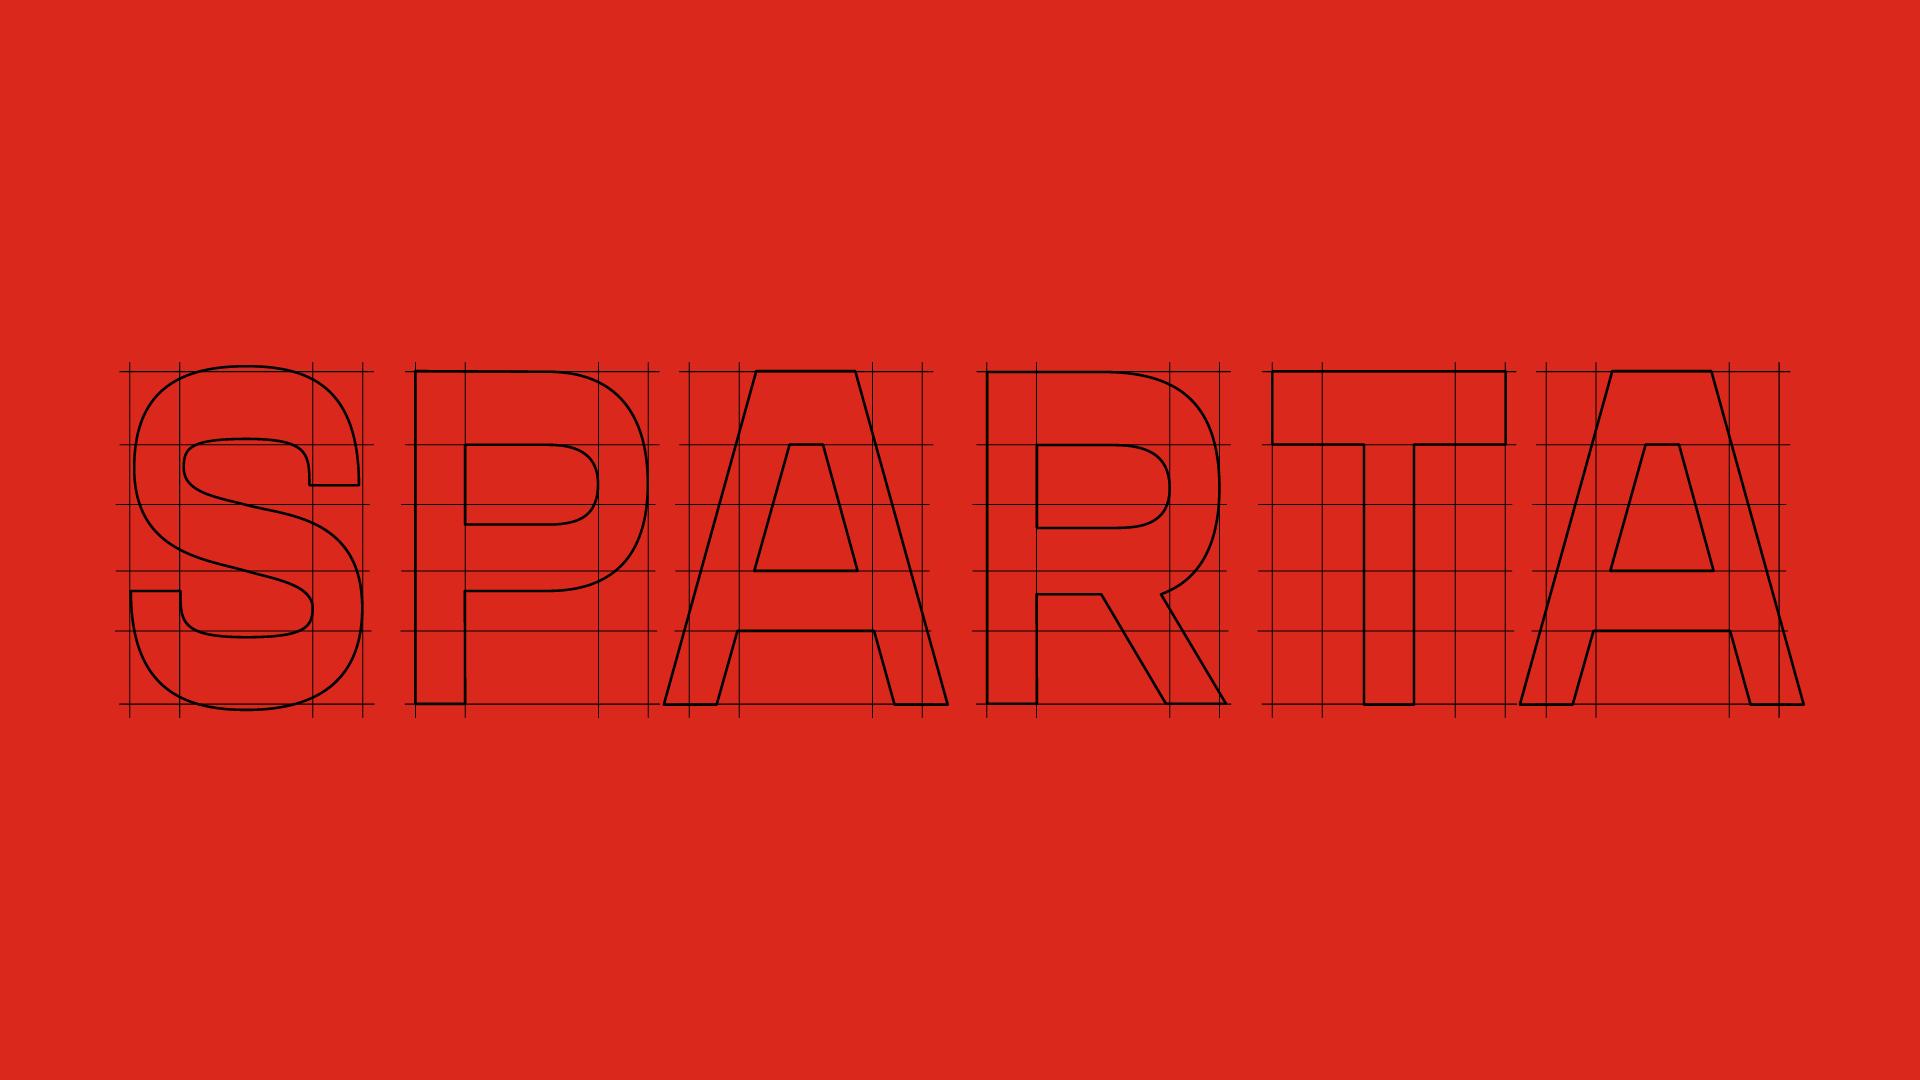 sparta_web_export-05